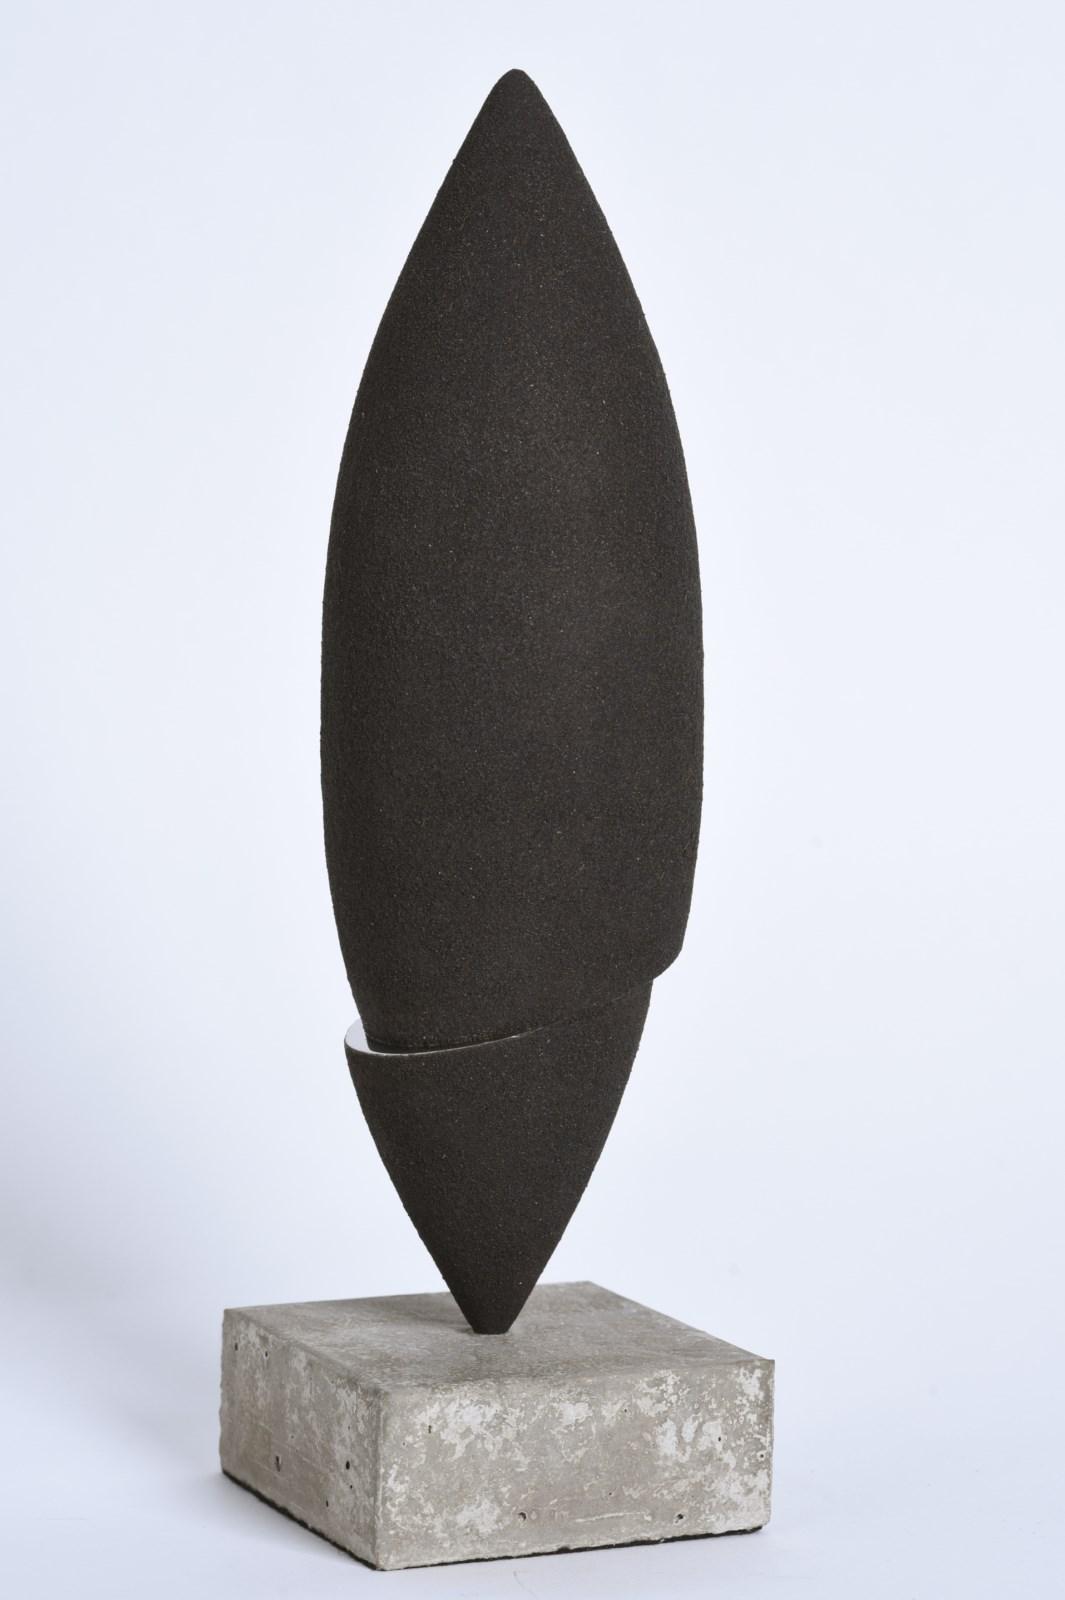 Sculpture-limaille-de-fer-inox-poli-miroir-hauteur:36cm-2016